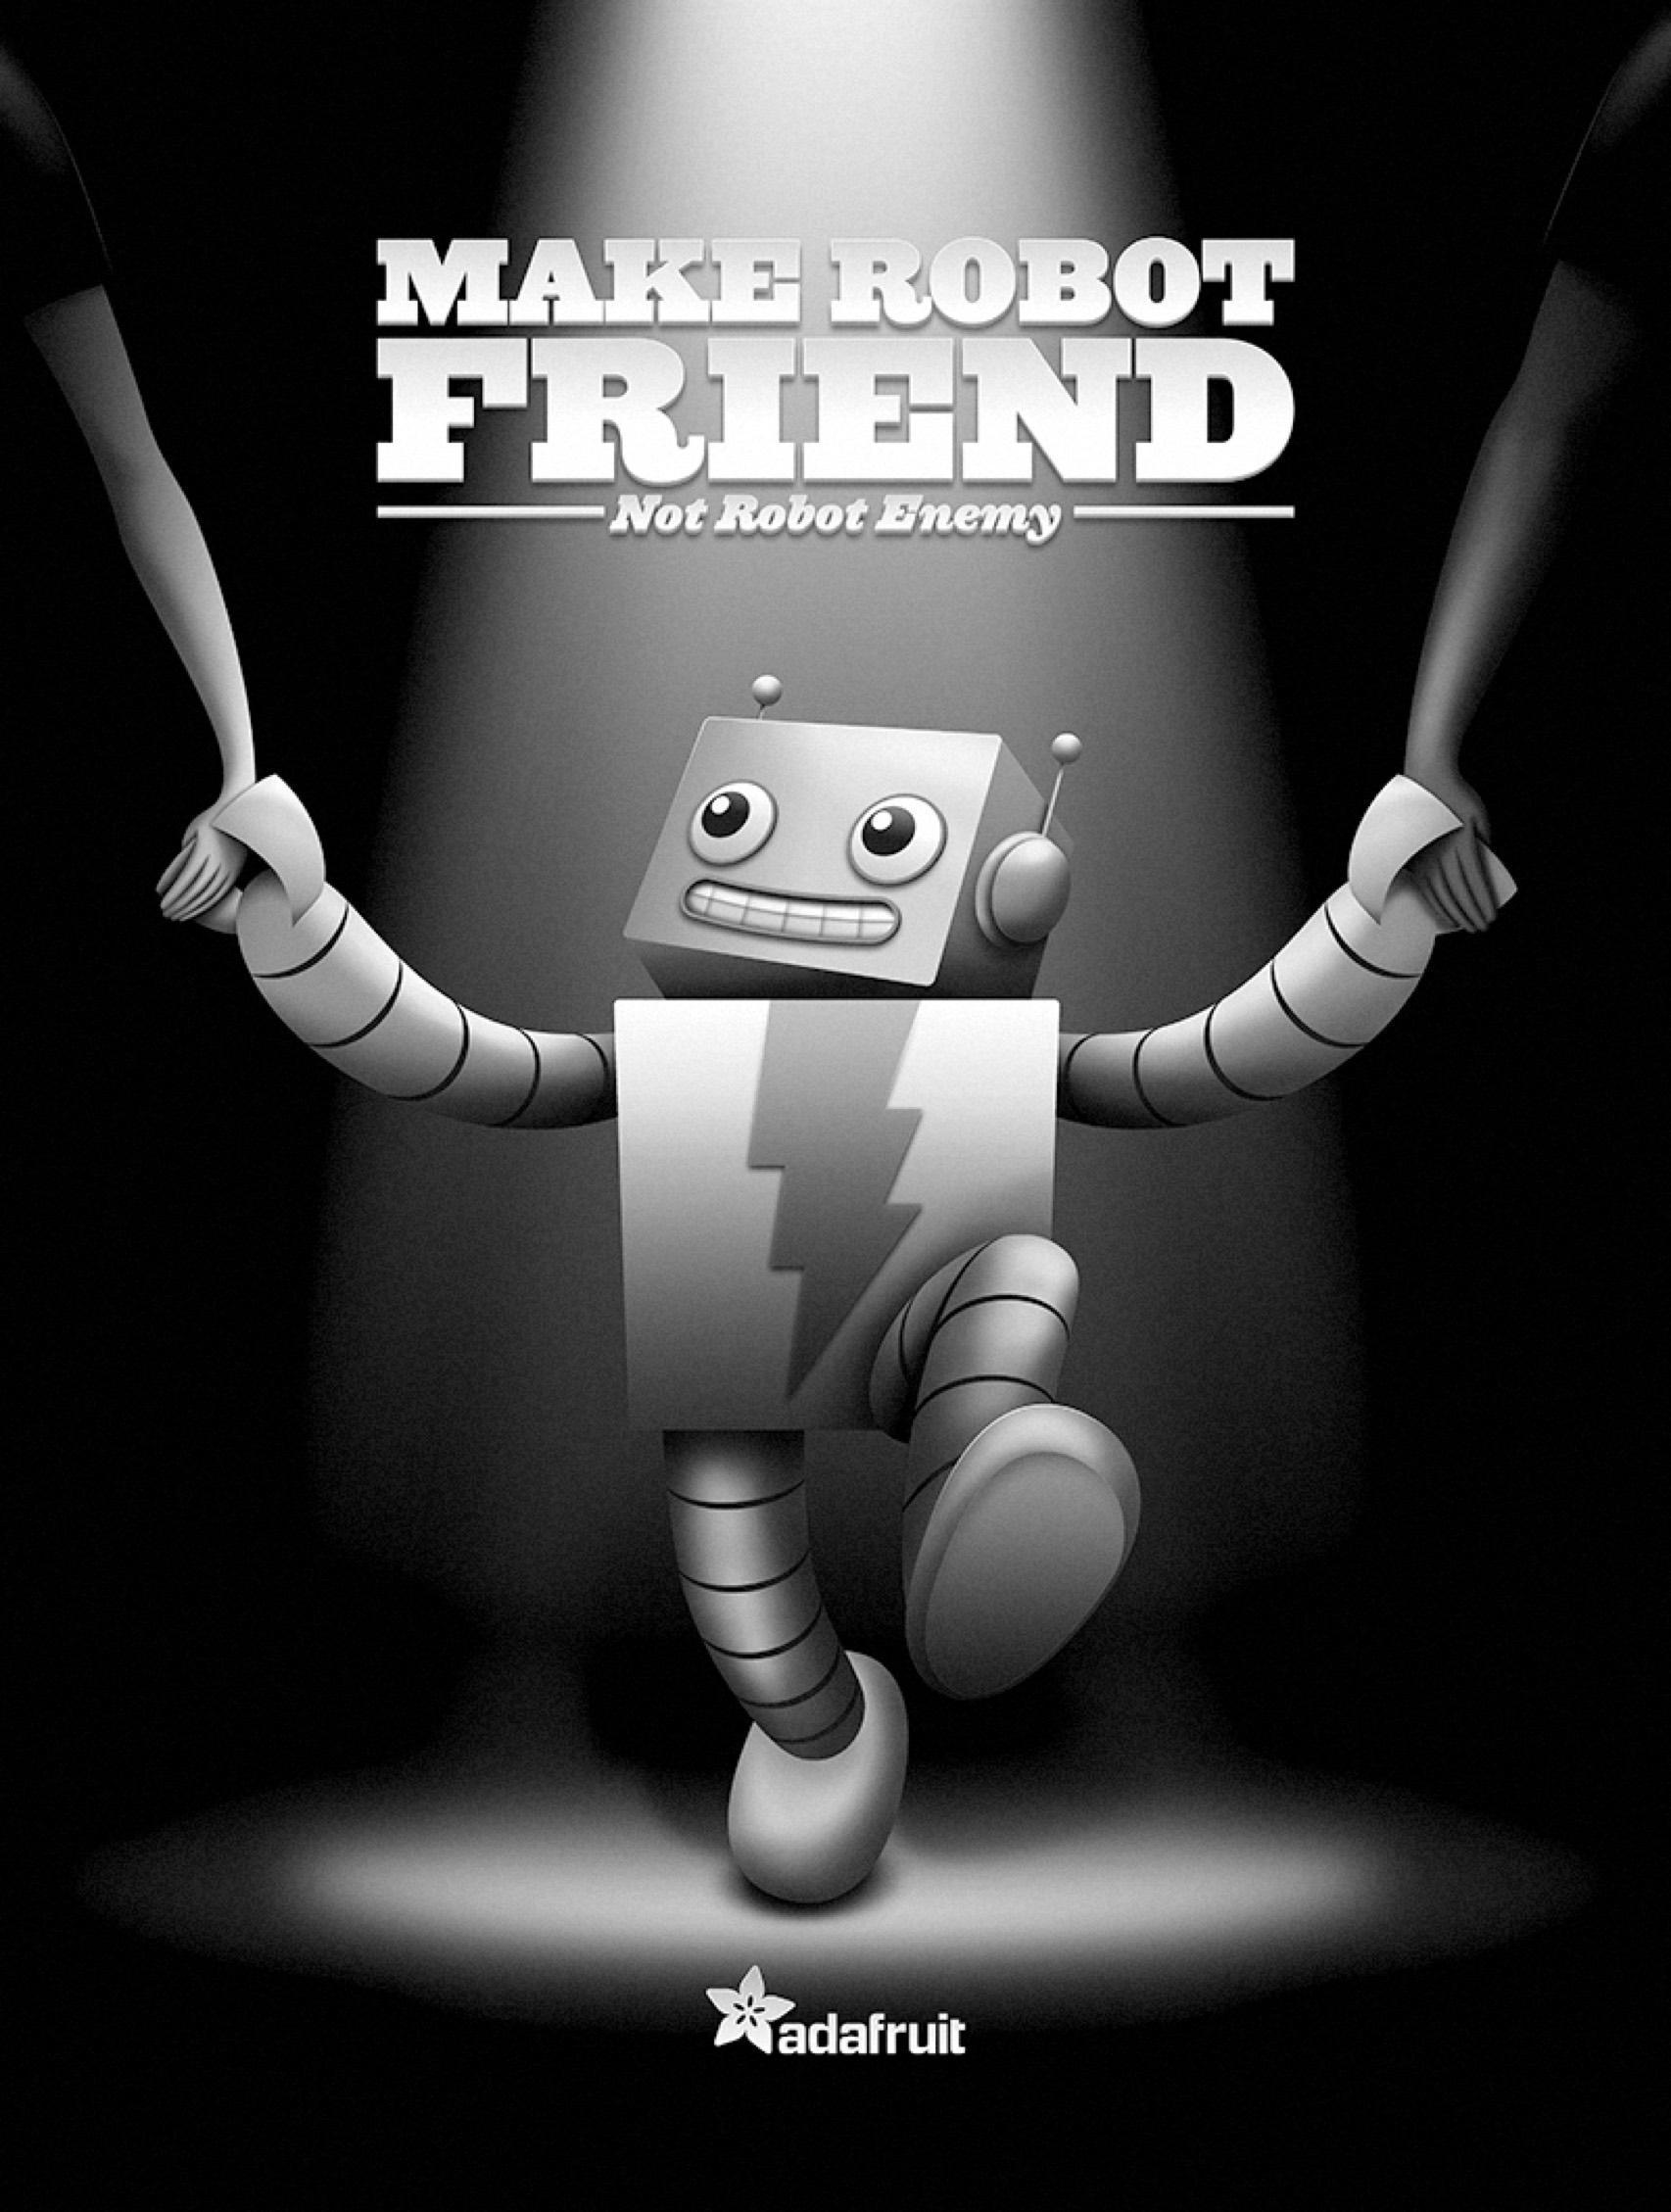 Adafruit Robot Friend Poster Final